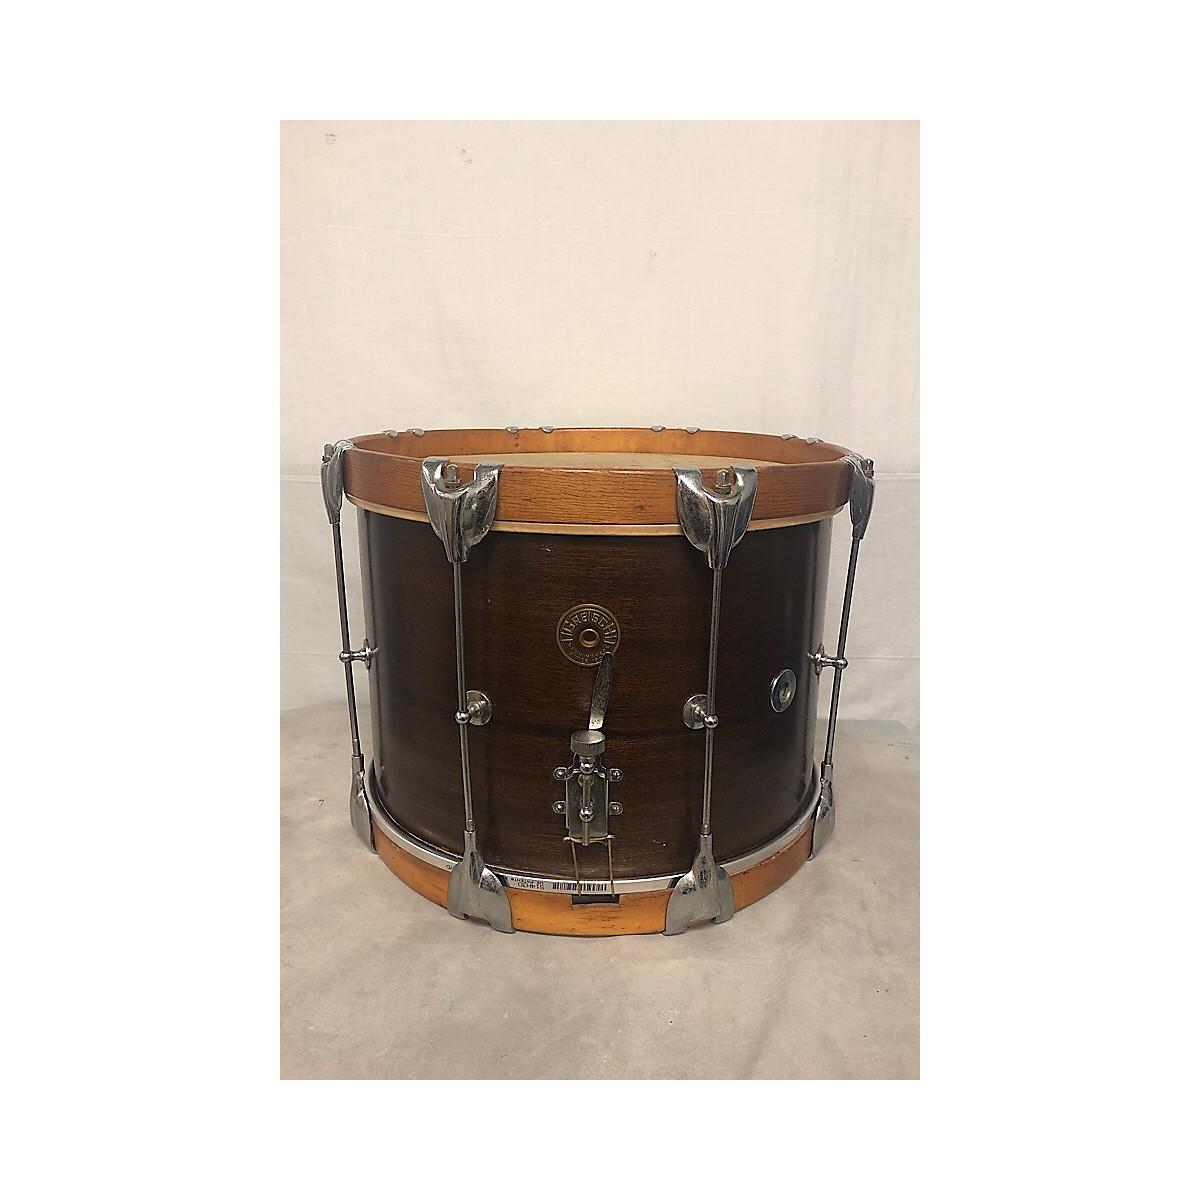 Gretsch Drums 1960s 14X12 Gretsch Snare 4542 Drum